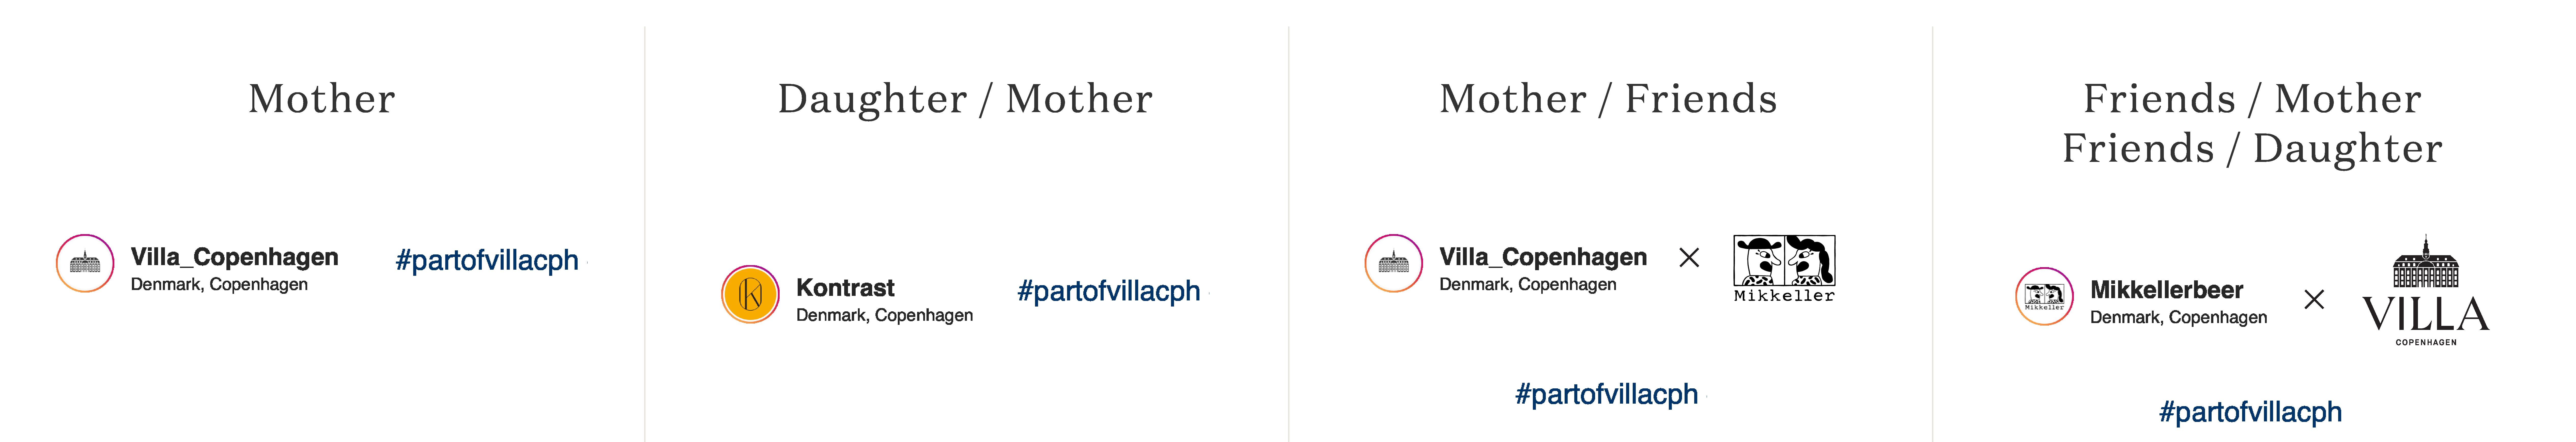 villacph_co-branding_web-export6